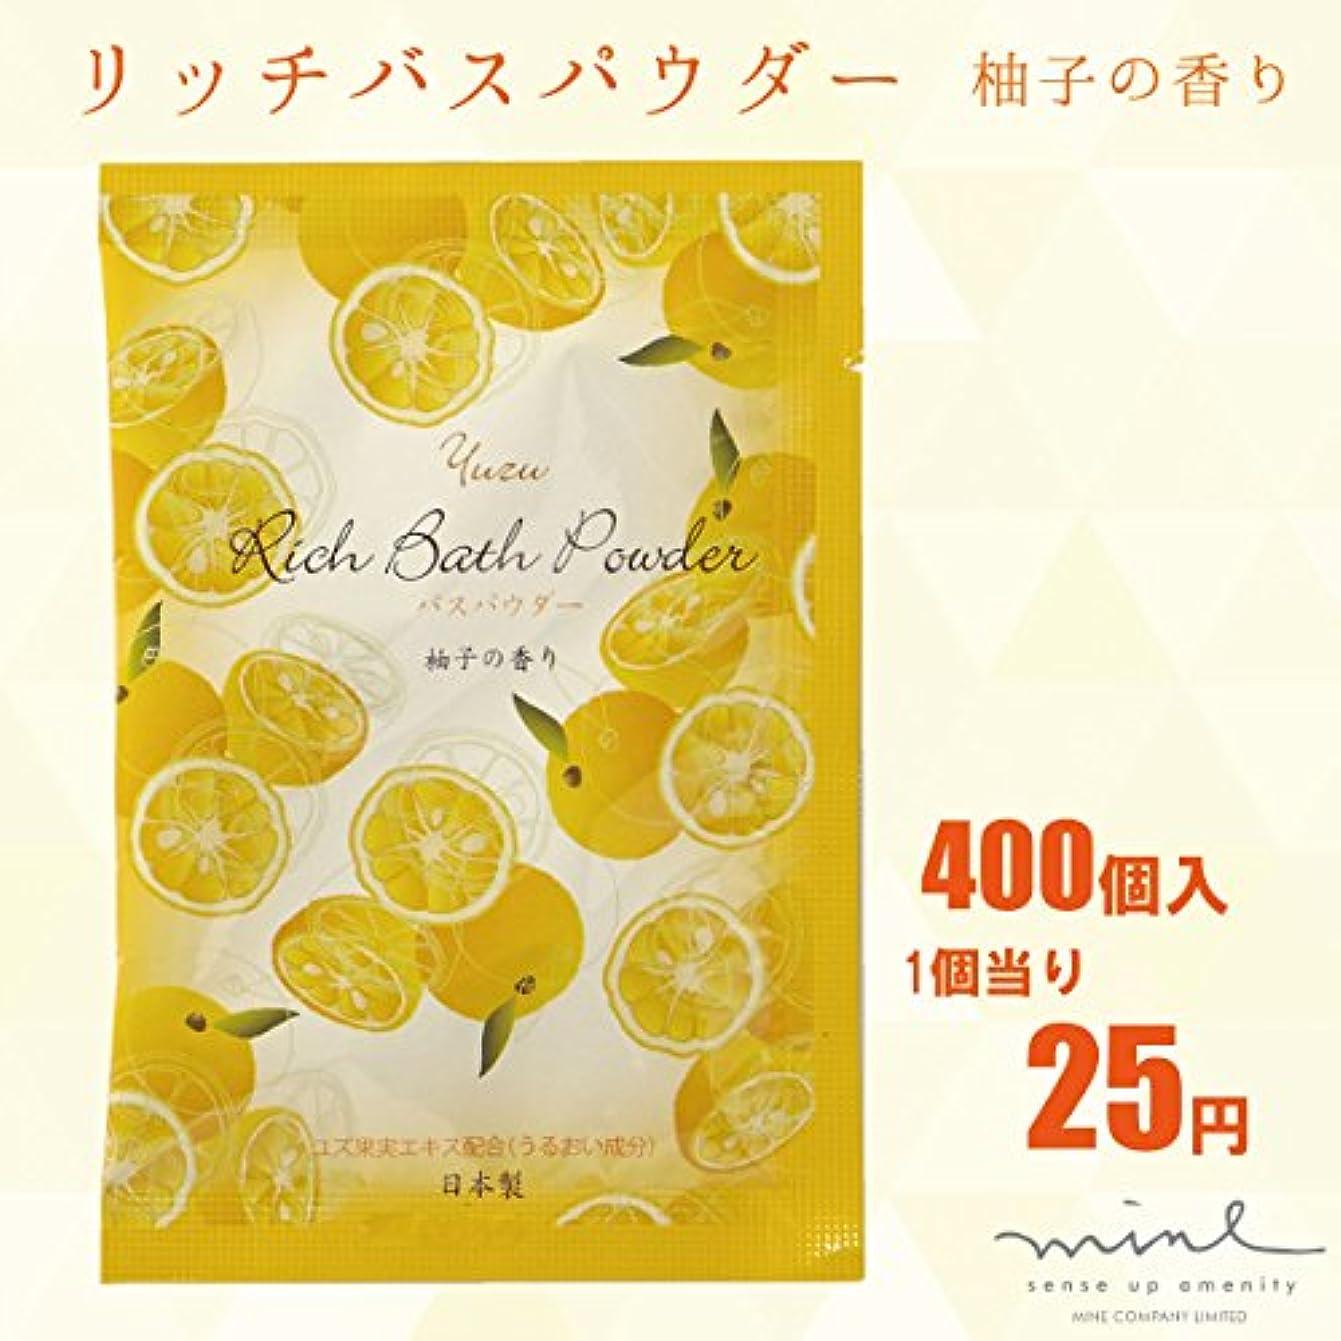 文明化エレガント目覚めるリッチバスパウダー20g 柚子の香り × 400個